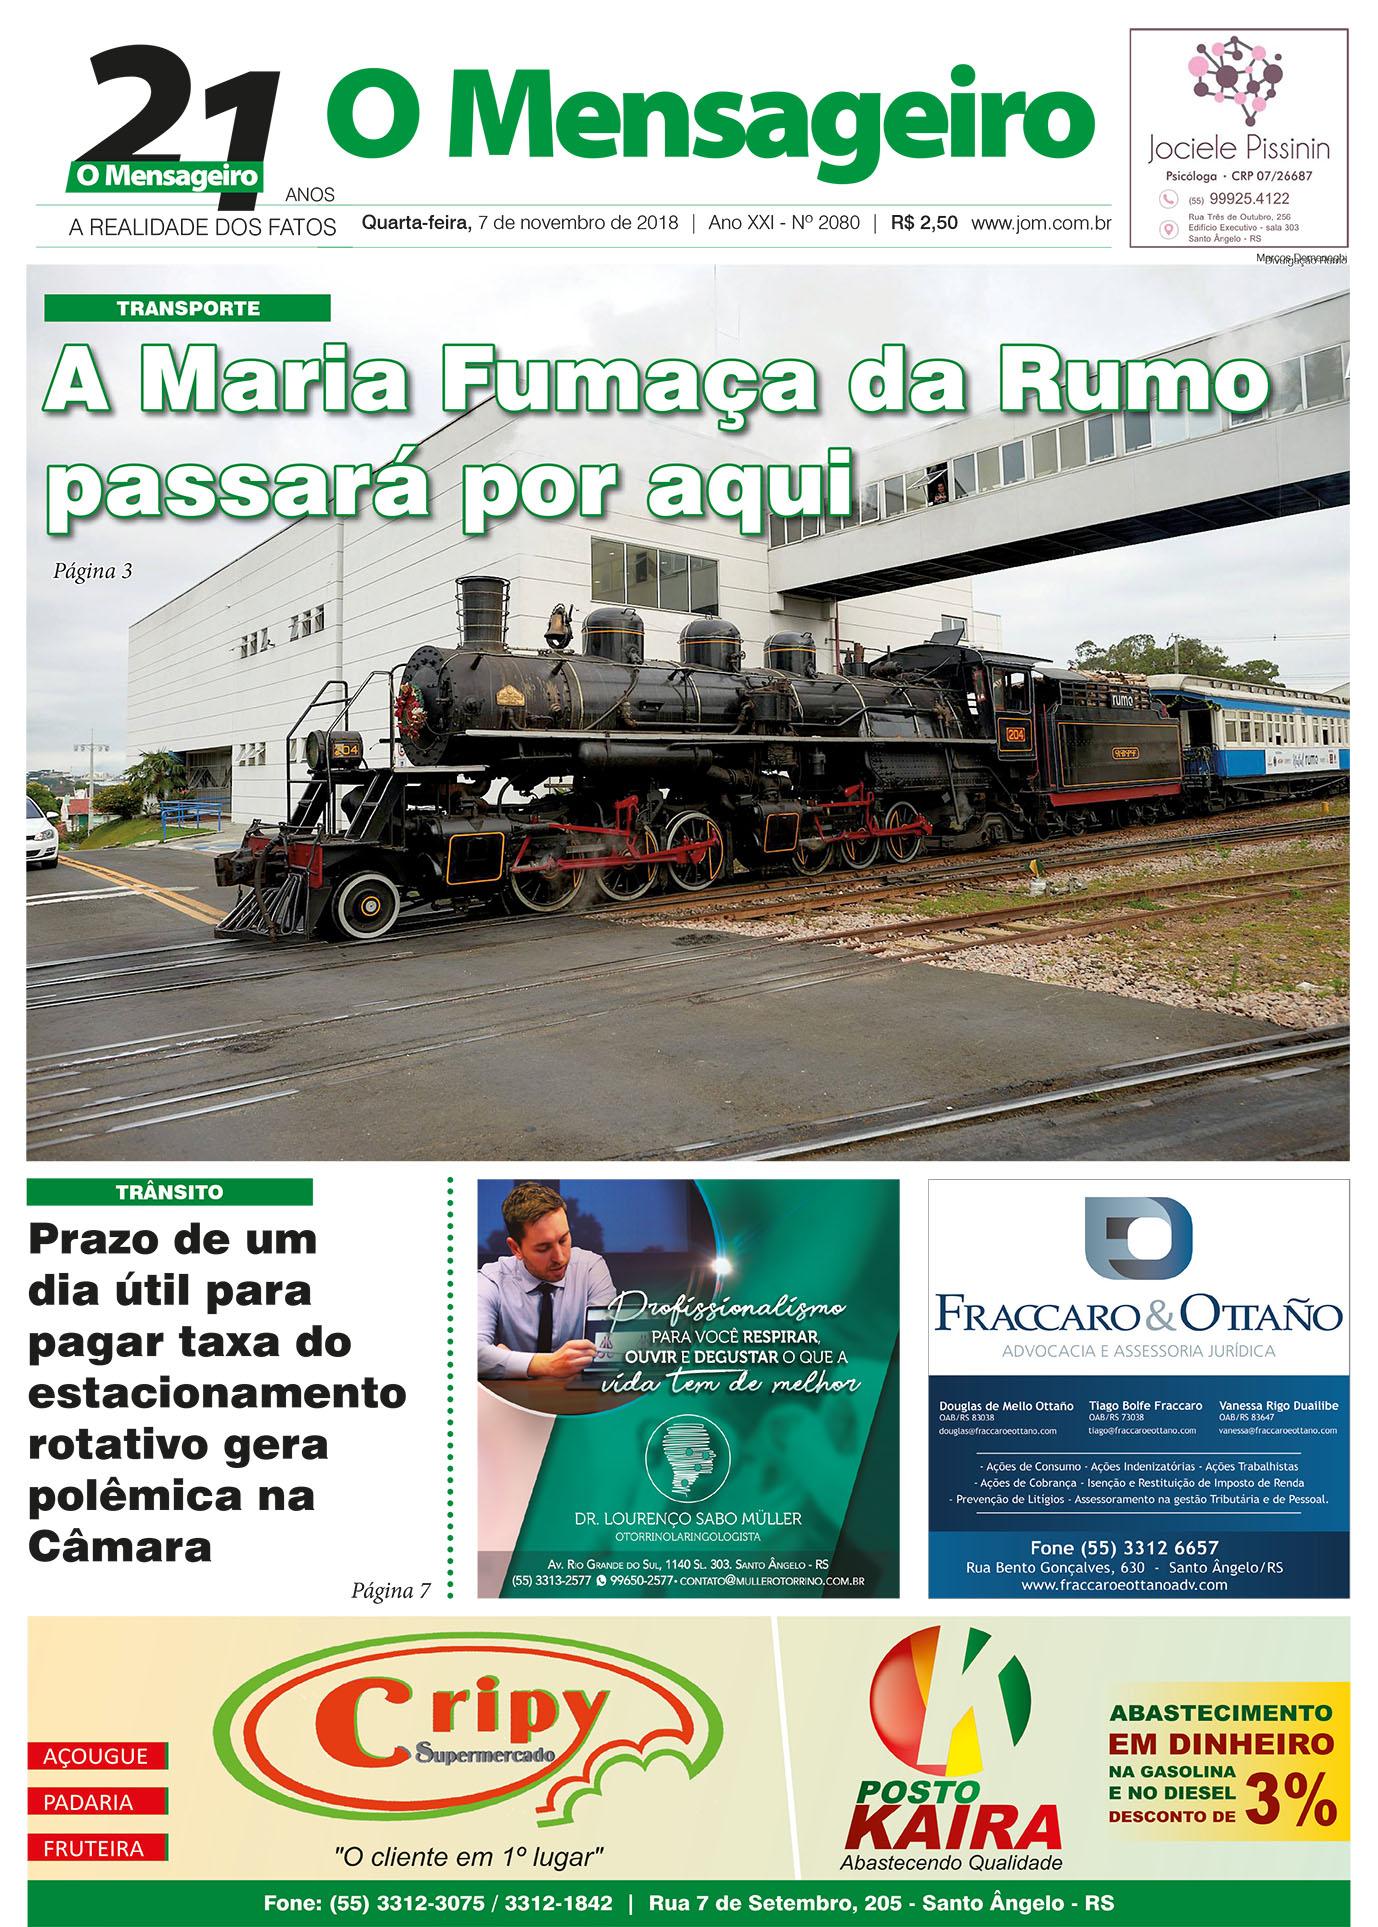 07112018 - O Mensageiro.indd